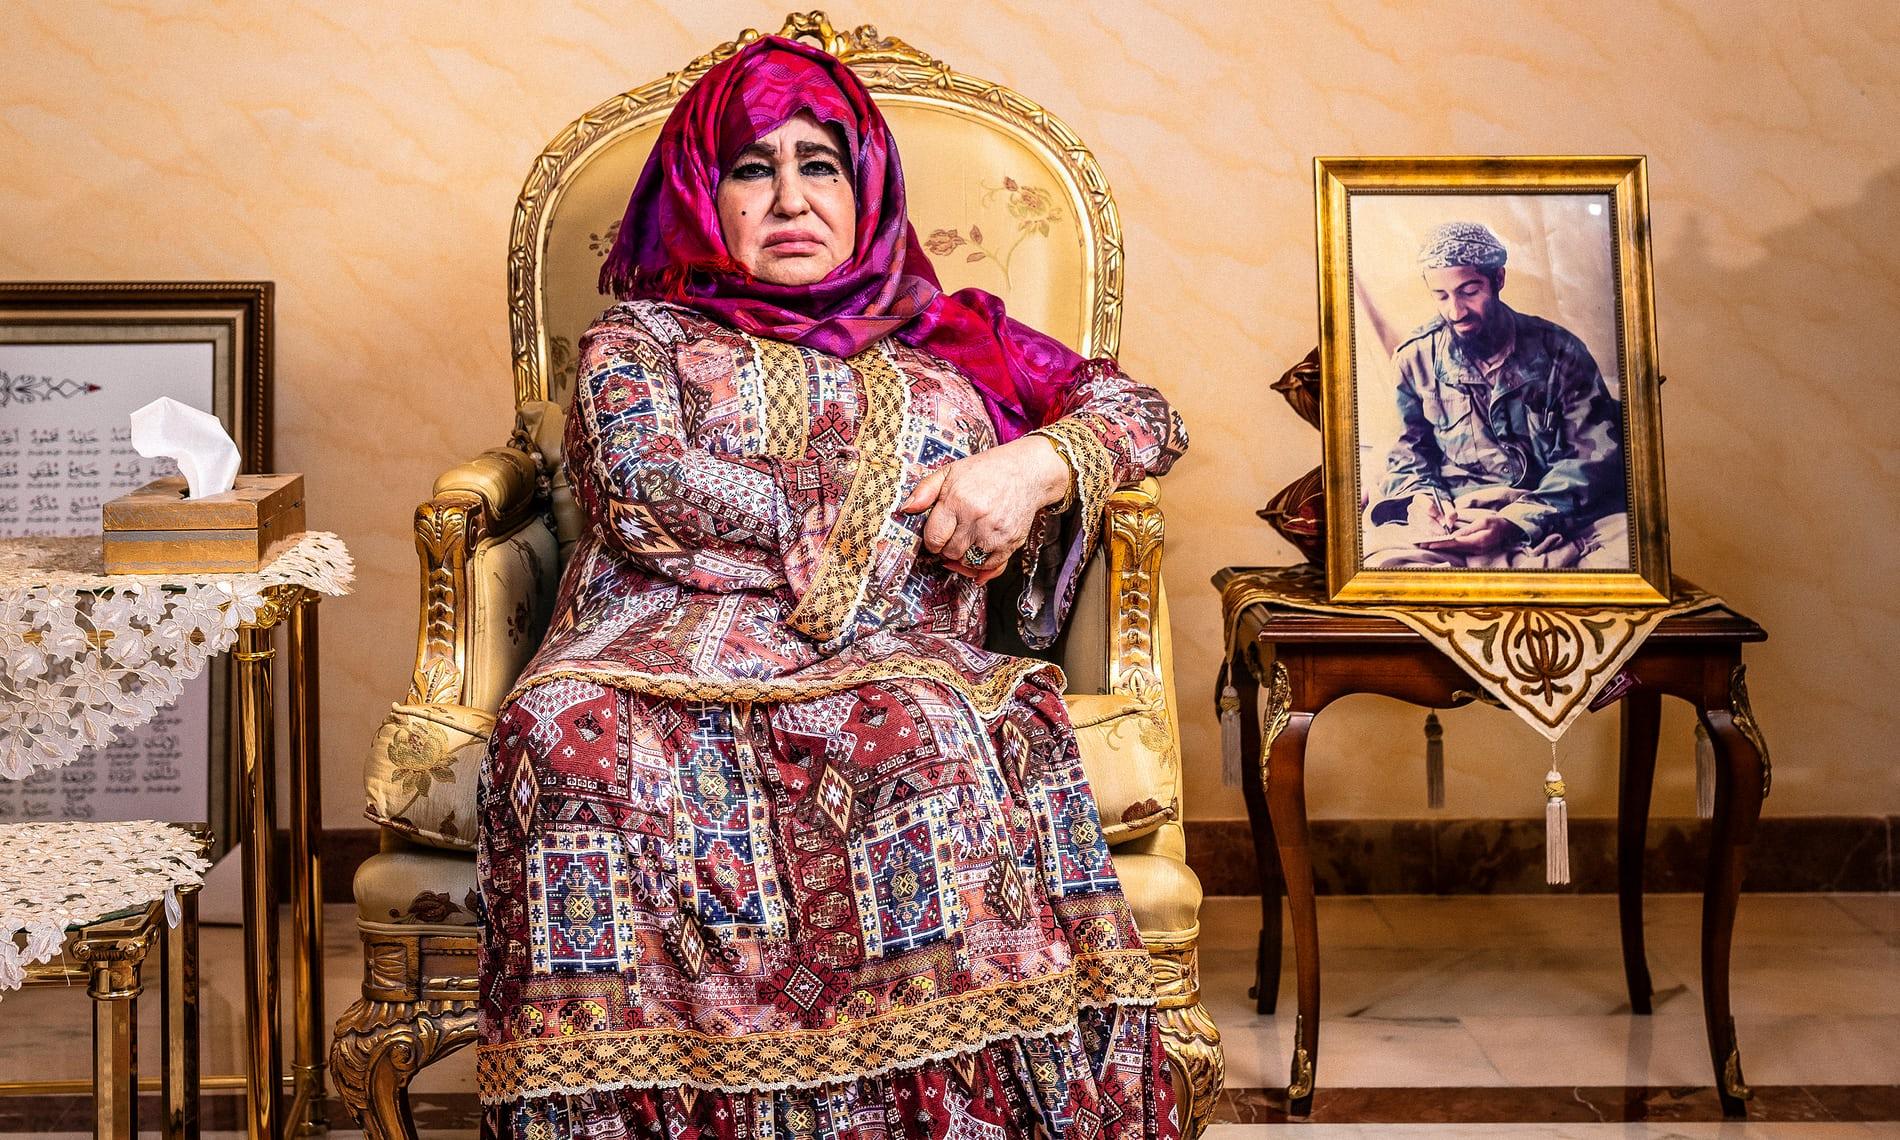 La mère d'Oussama ben Laden s'exprime pour la première fois après la mort de son fils